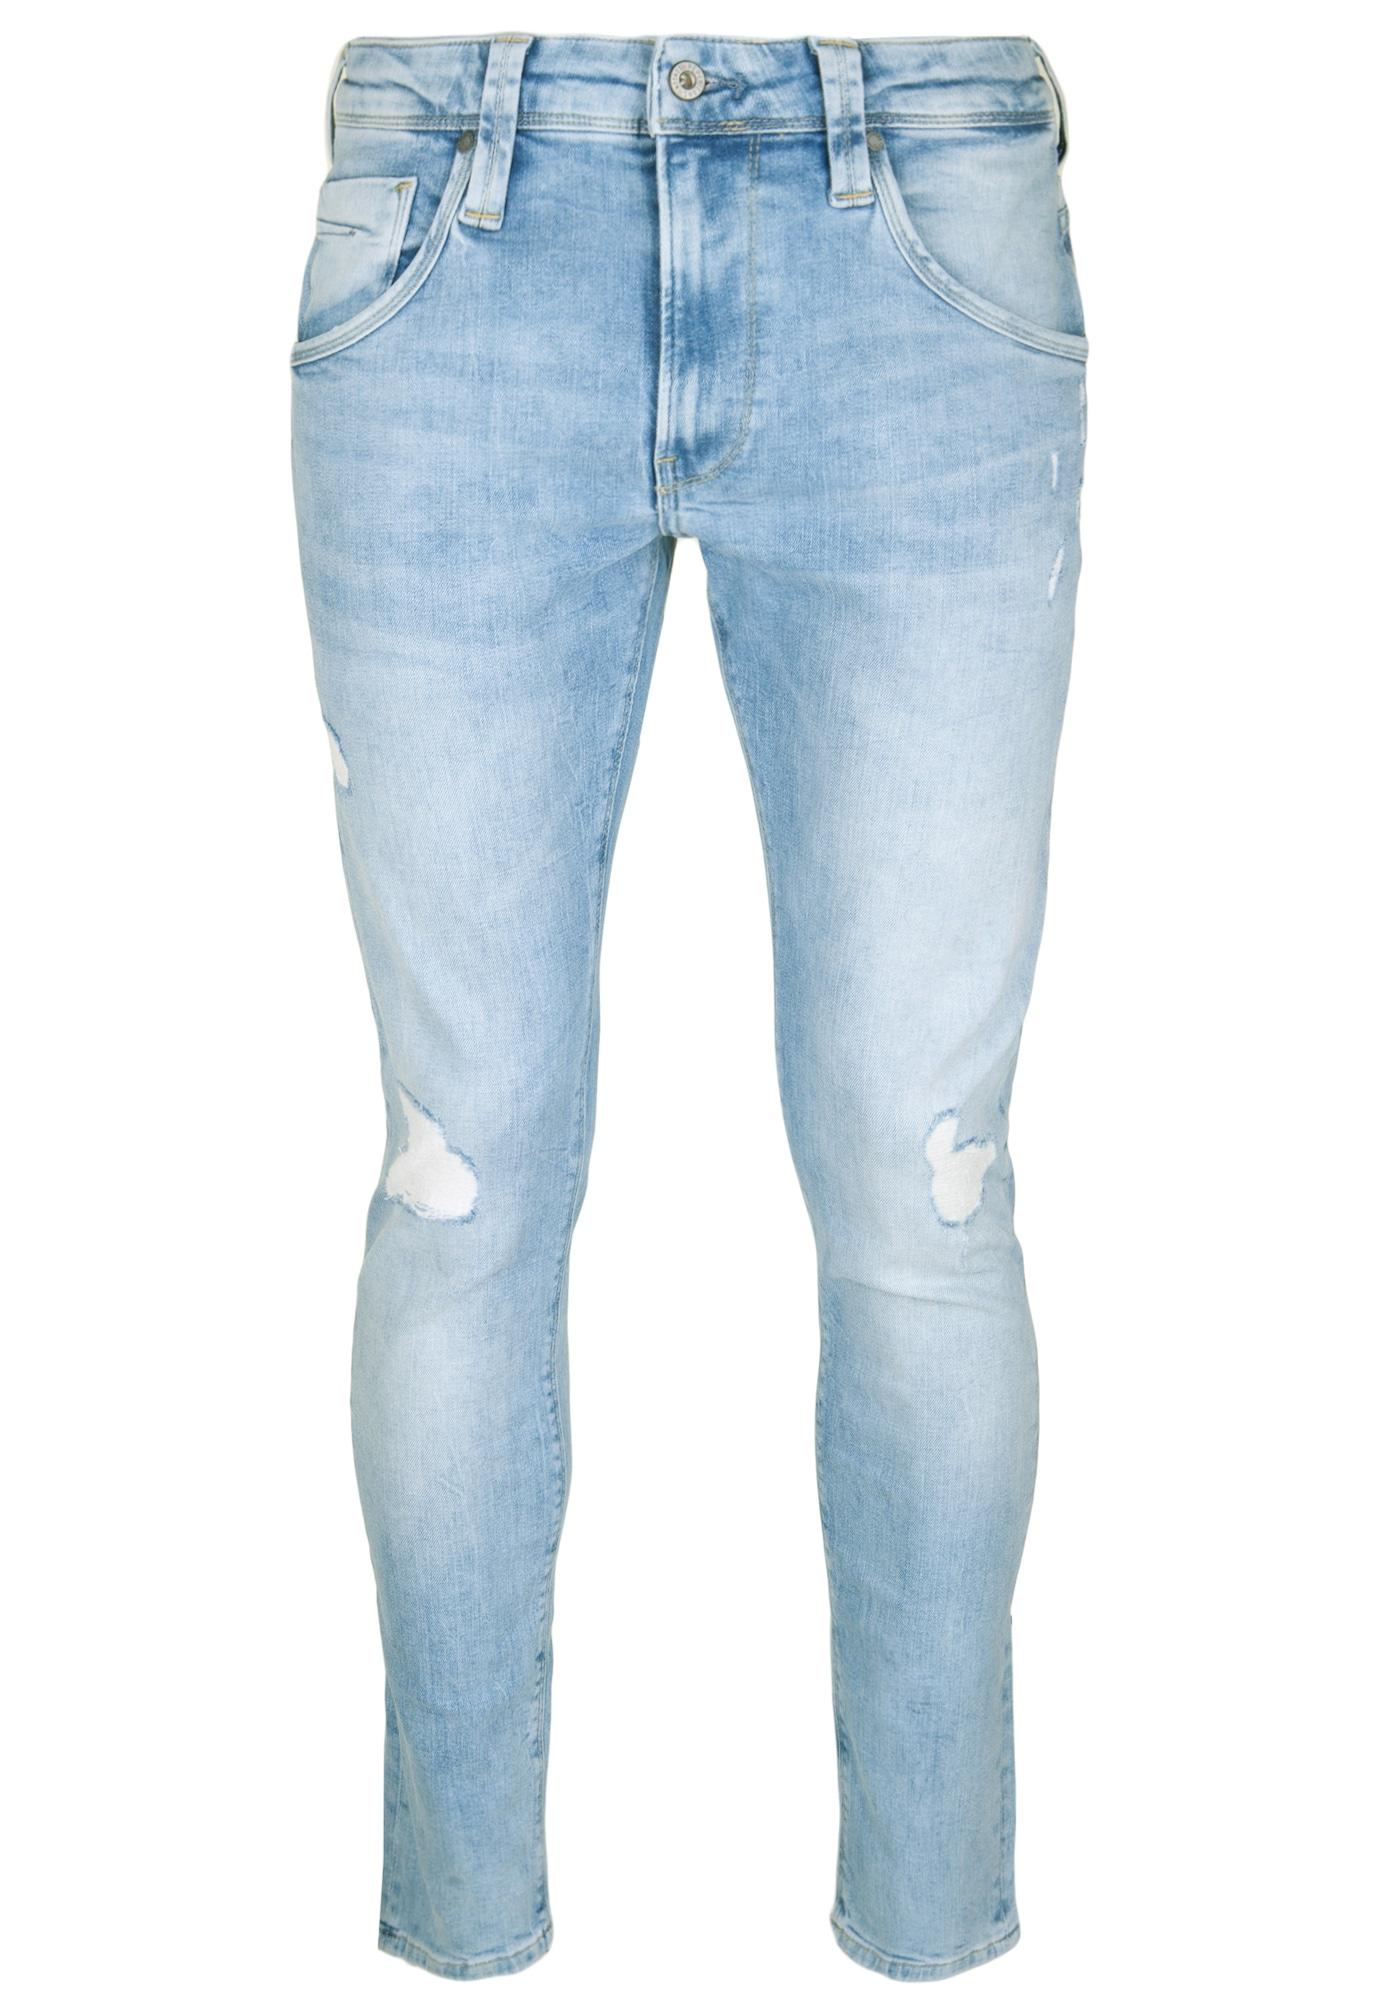 Pepe Jeans Heren Jeans ZINC blauw